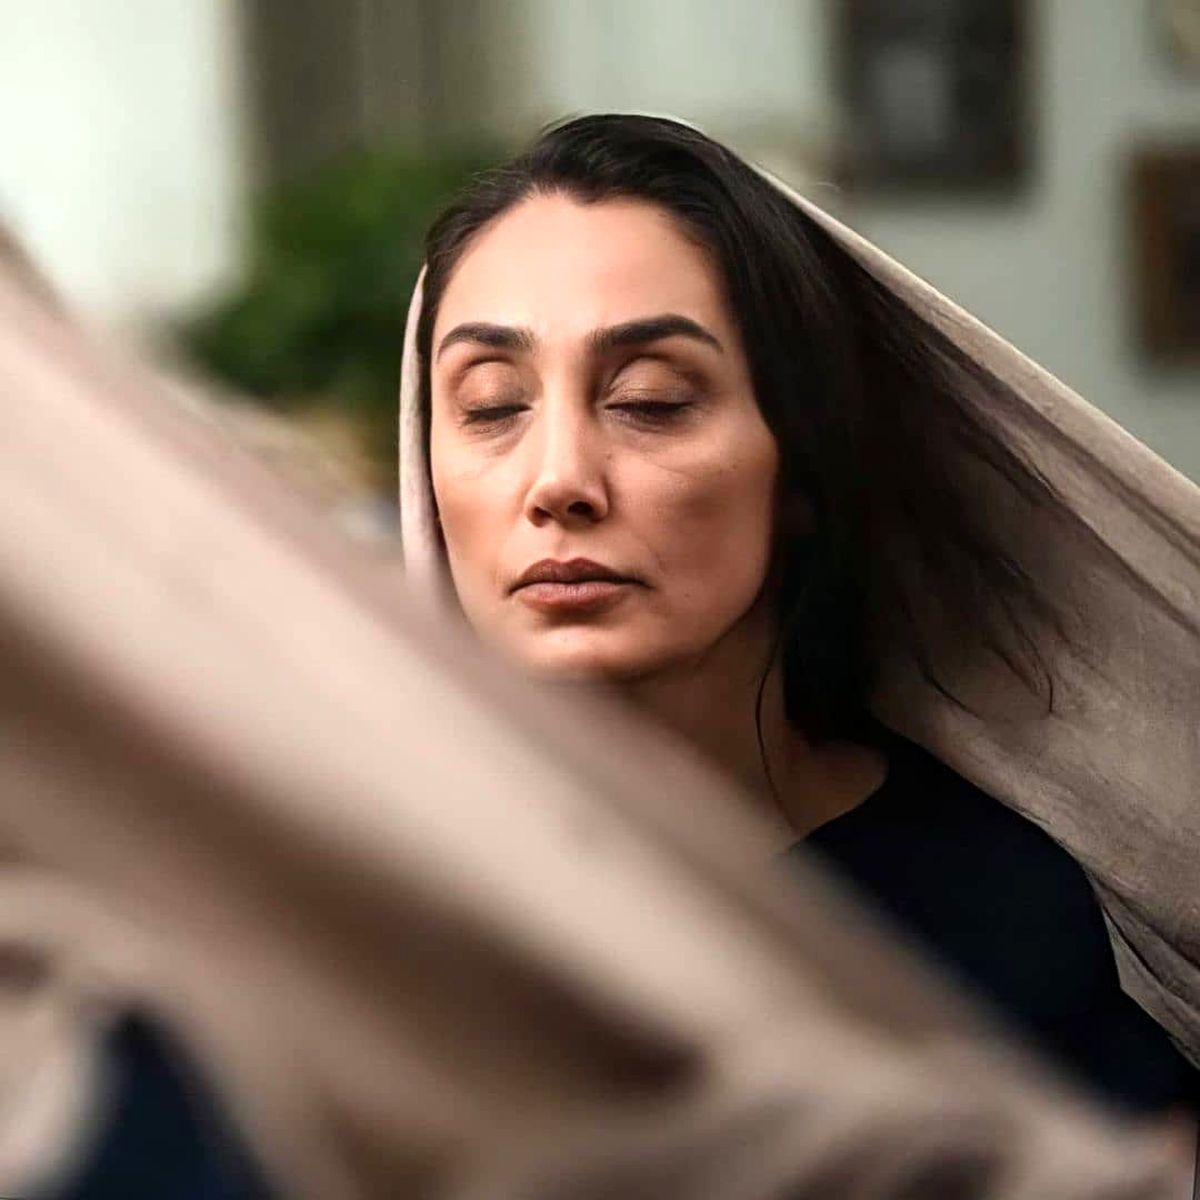 خوابیدن هدیه تهرانی بدون حجاب ! + عکس